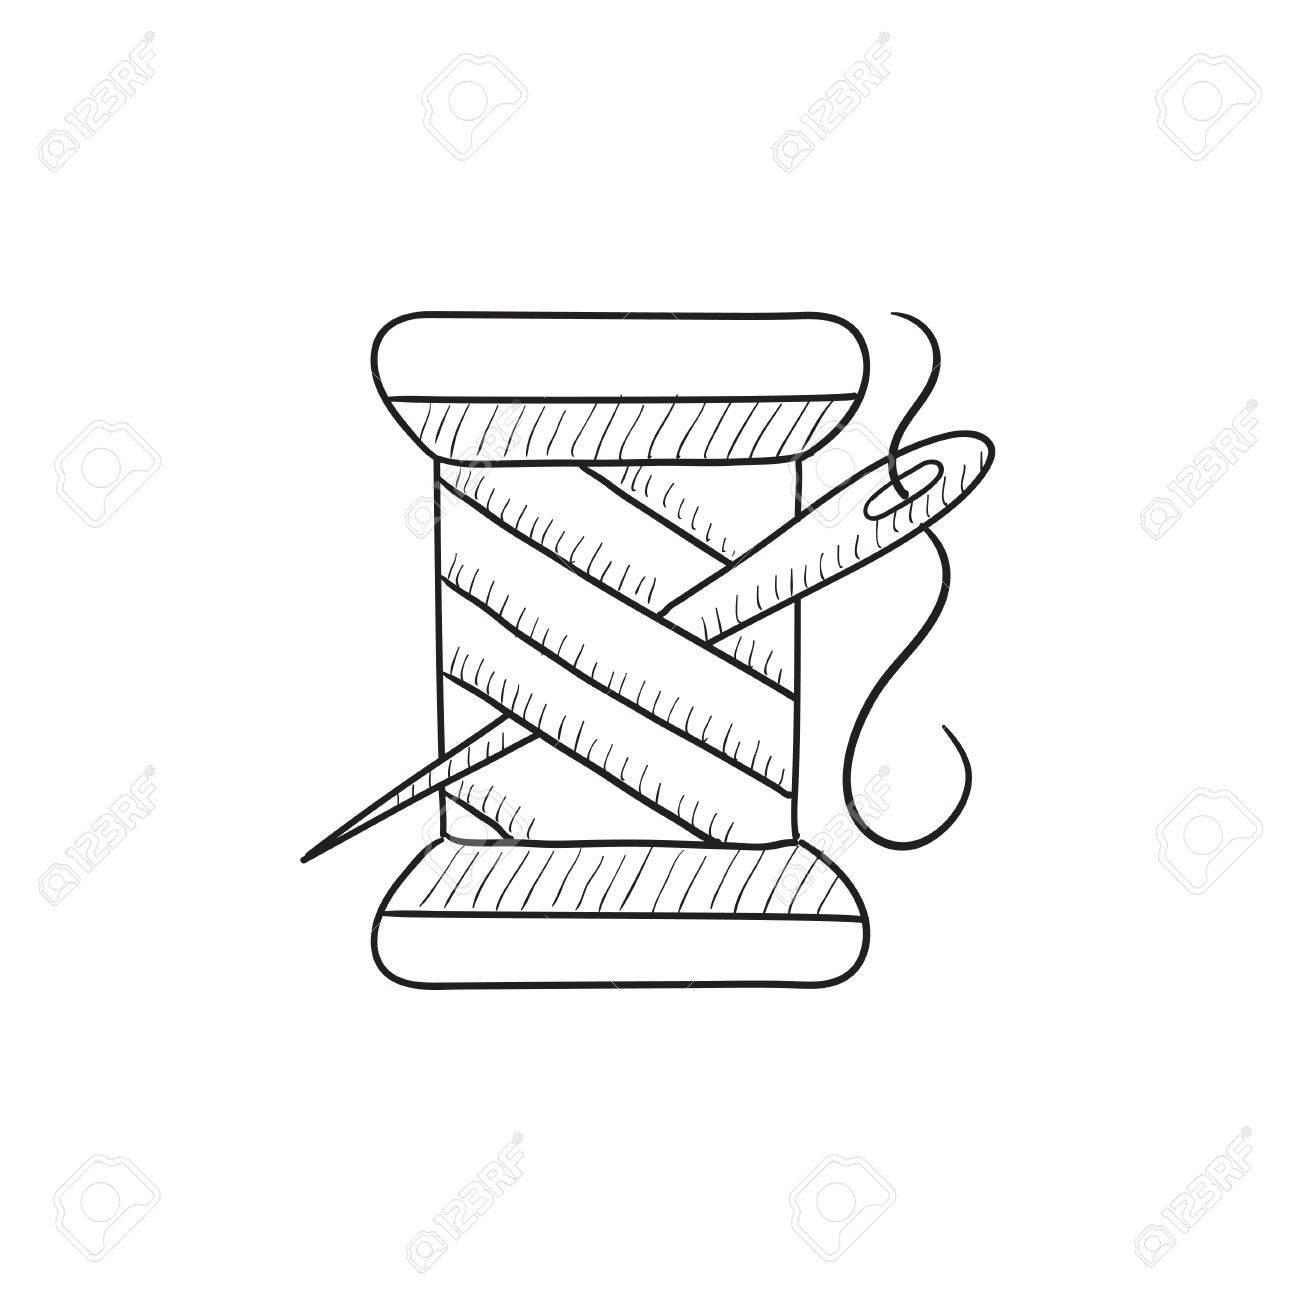 La Bobine De Fil Et D Aiguille Vecteur Croquis Icône Isolé Sur Fond Hand Drawn Bobine De Fil Et De L Aiguille Icône La Bobine De Fil Et De